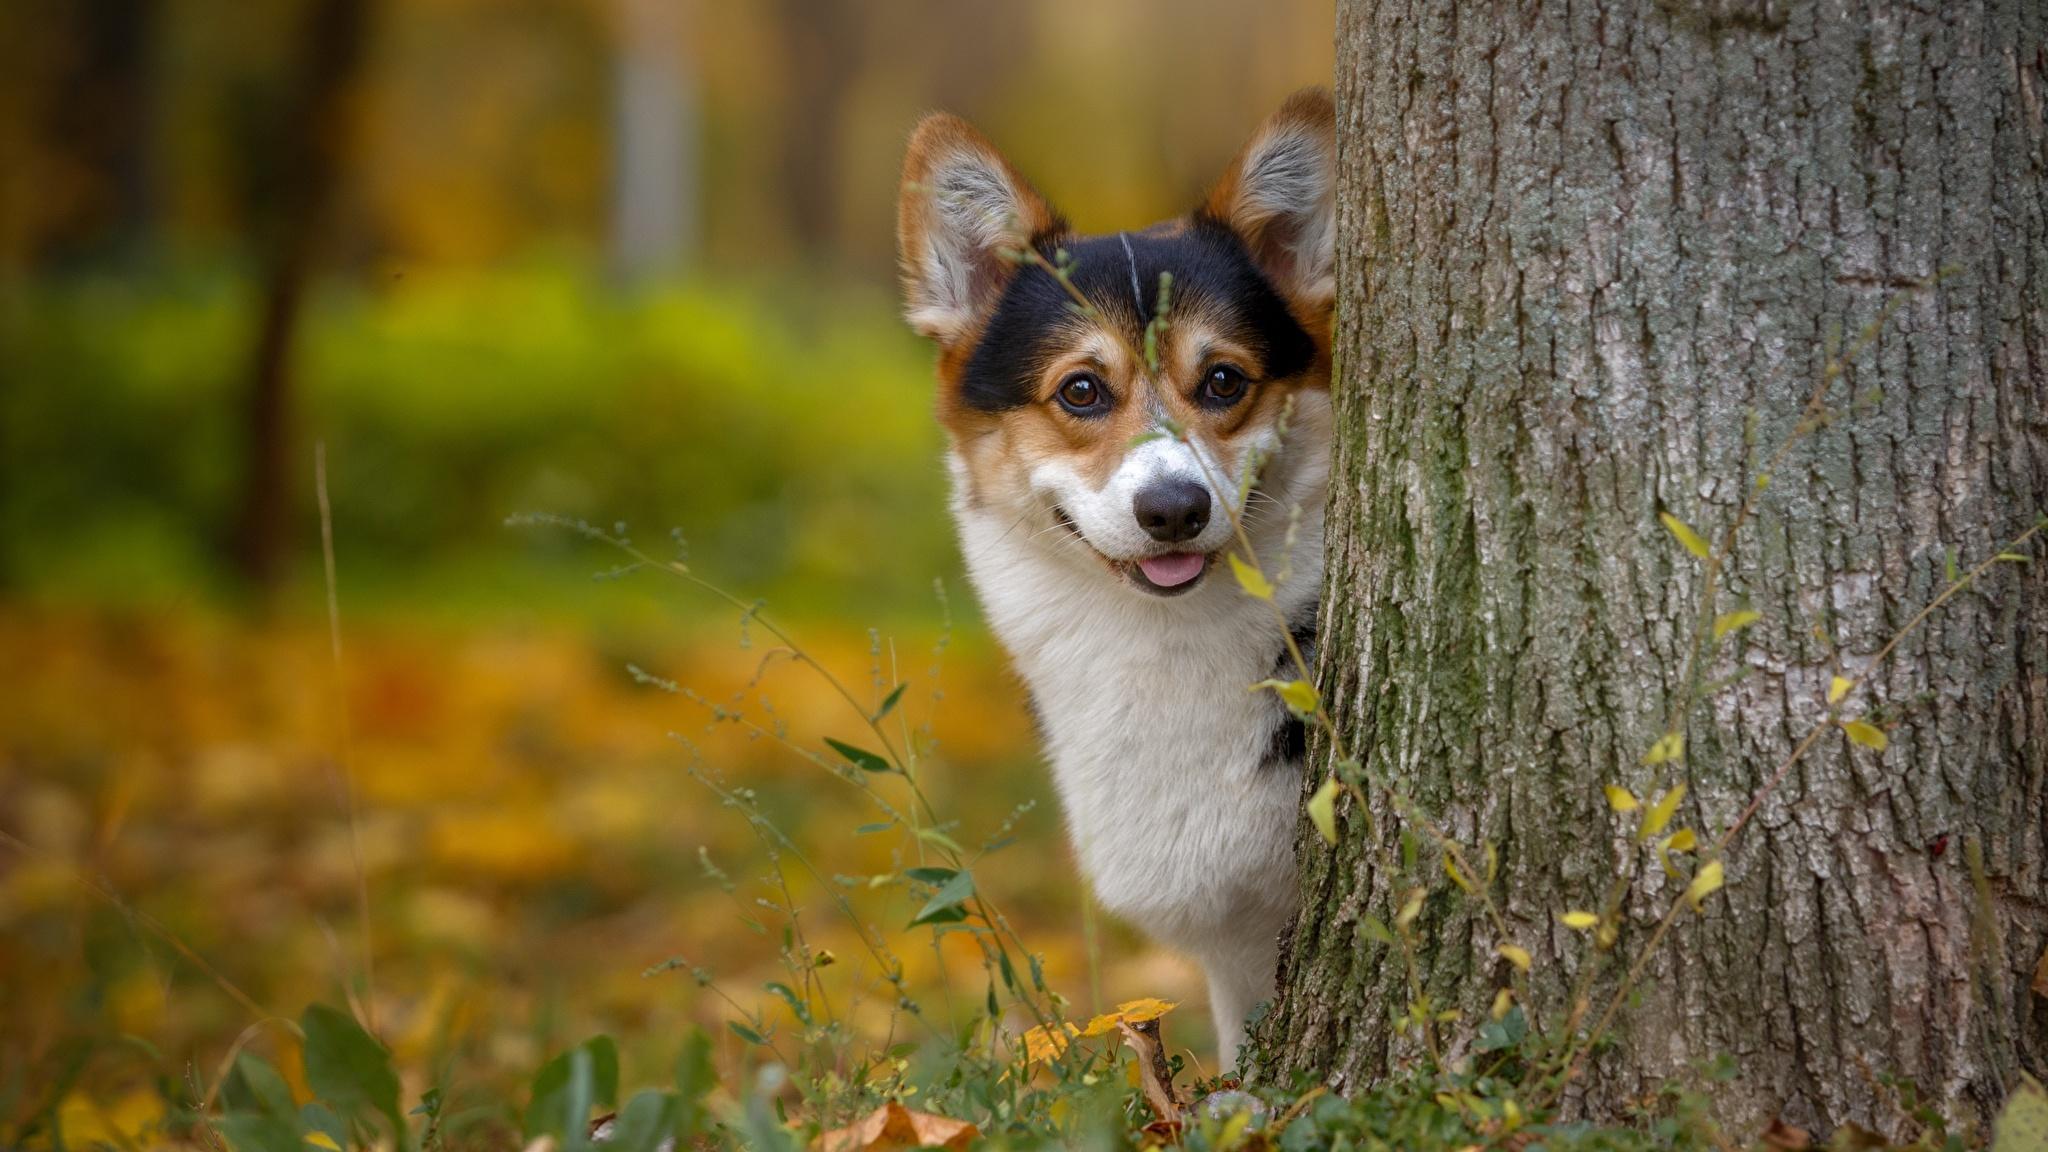 Эксперименты подтвердили способность собак ориентироваться по магнитному полю Земли